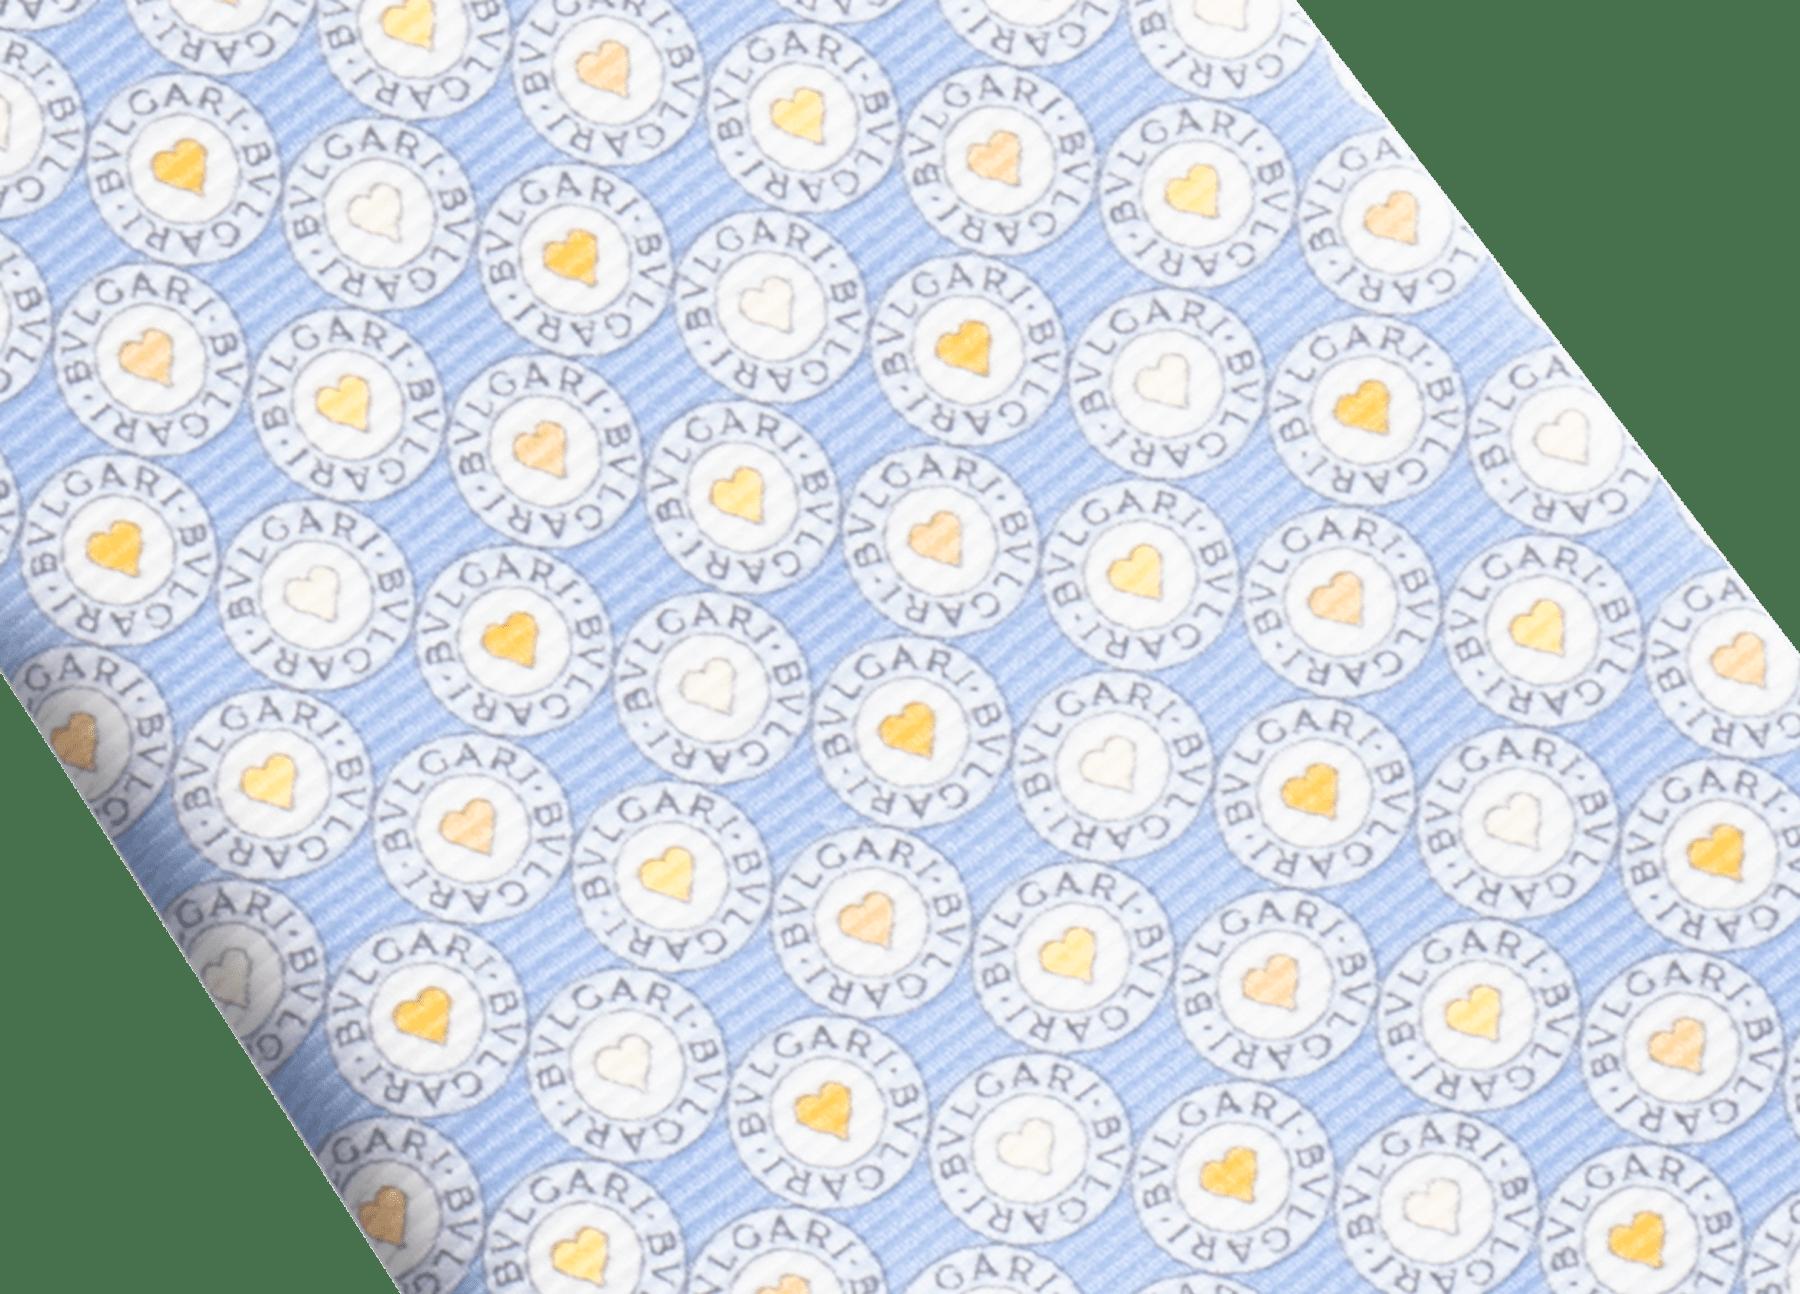 Gravata de sete dobras azul-claro com padrão BB Heart Logo em fina sarja de seda estampada. 244184 image 2